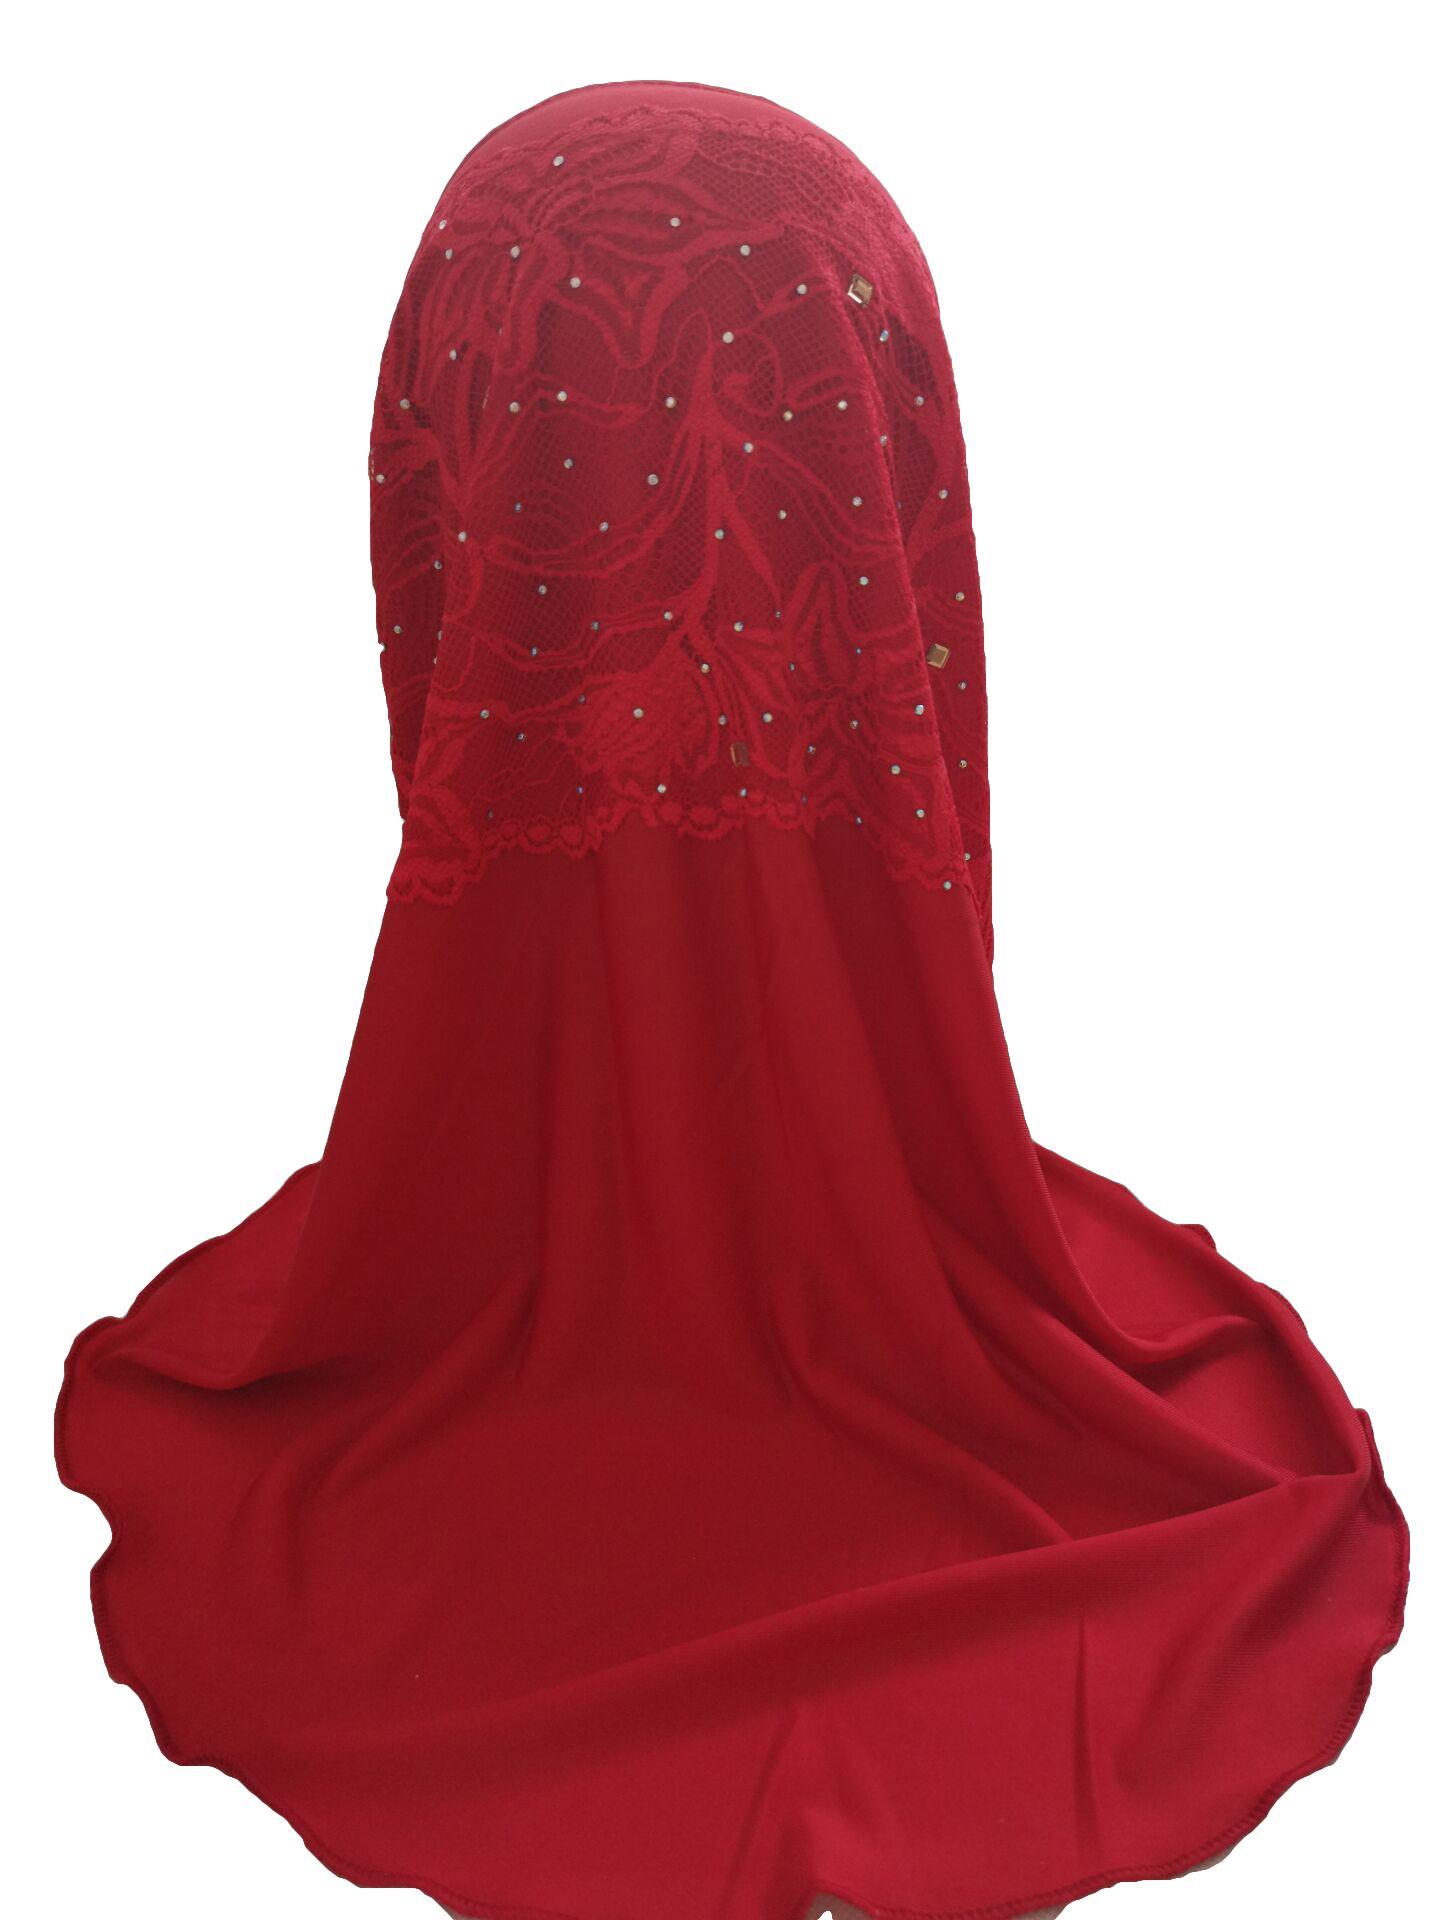 Kids Girls Amira Hijab Scarf Headwear Muslim Paryer Shawl Stole Rhinestone Arab Islamic Headscarf Turban Middle East Head Wrap